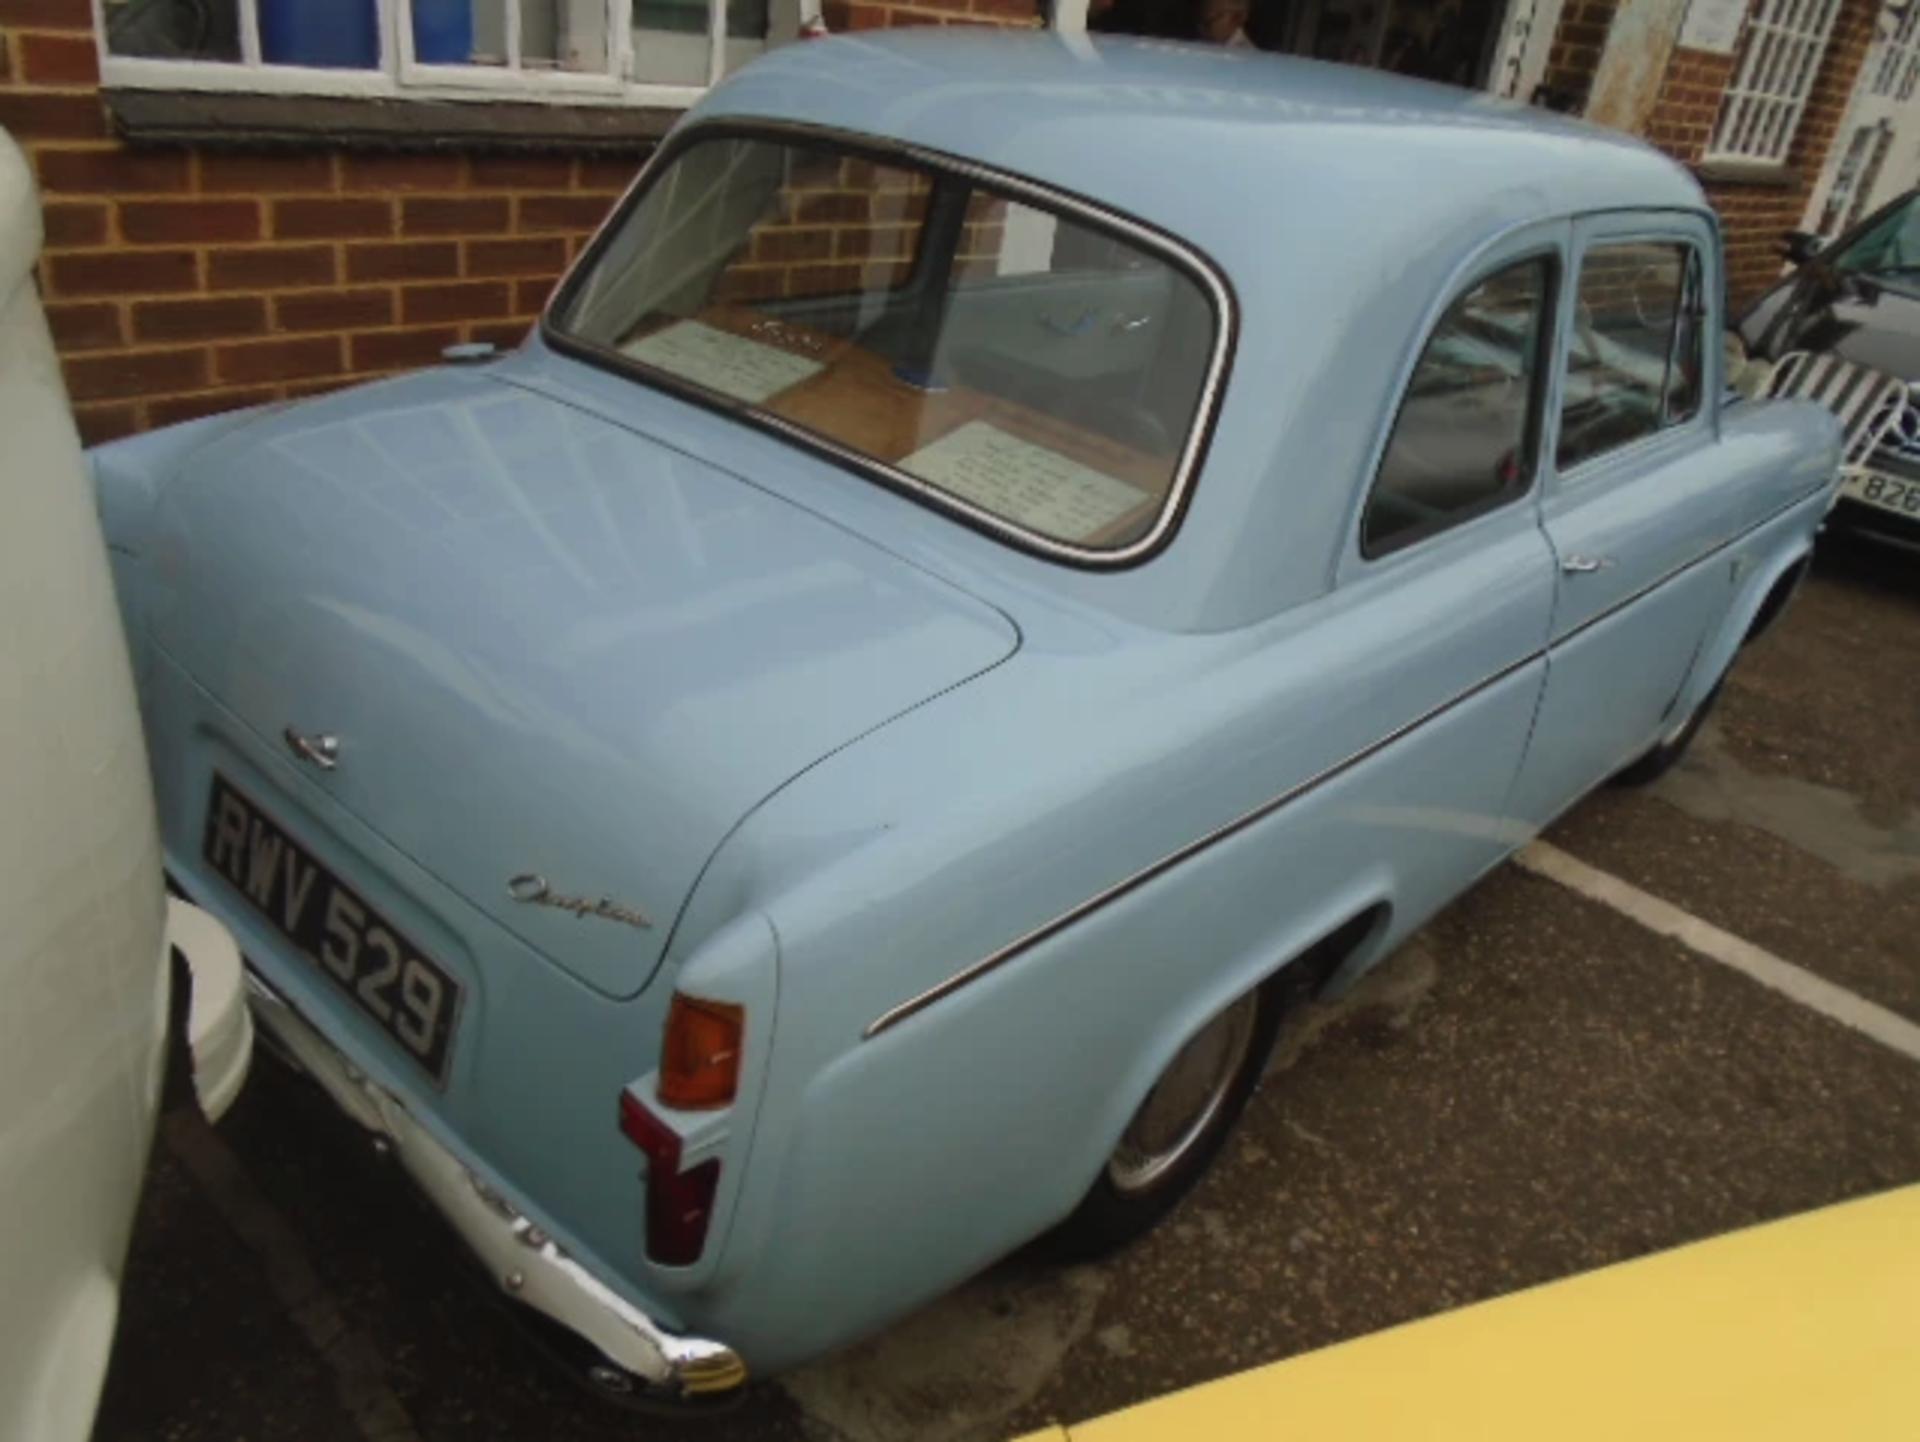 1958 Ford Anglia 100E - Image 4 of 6